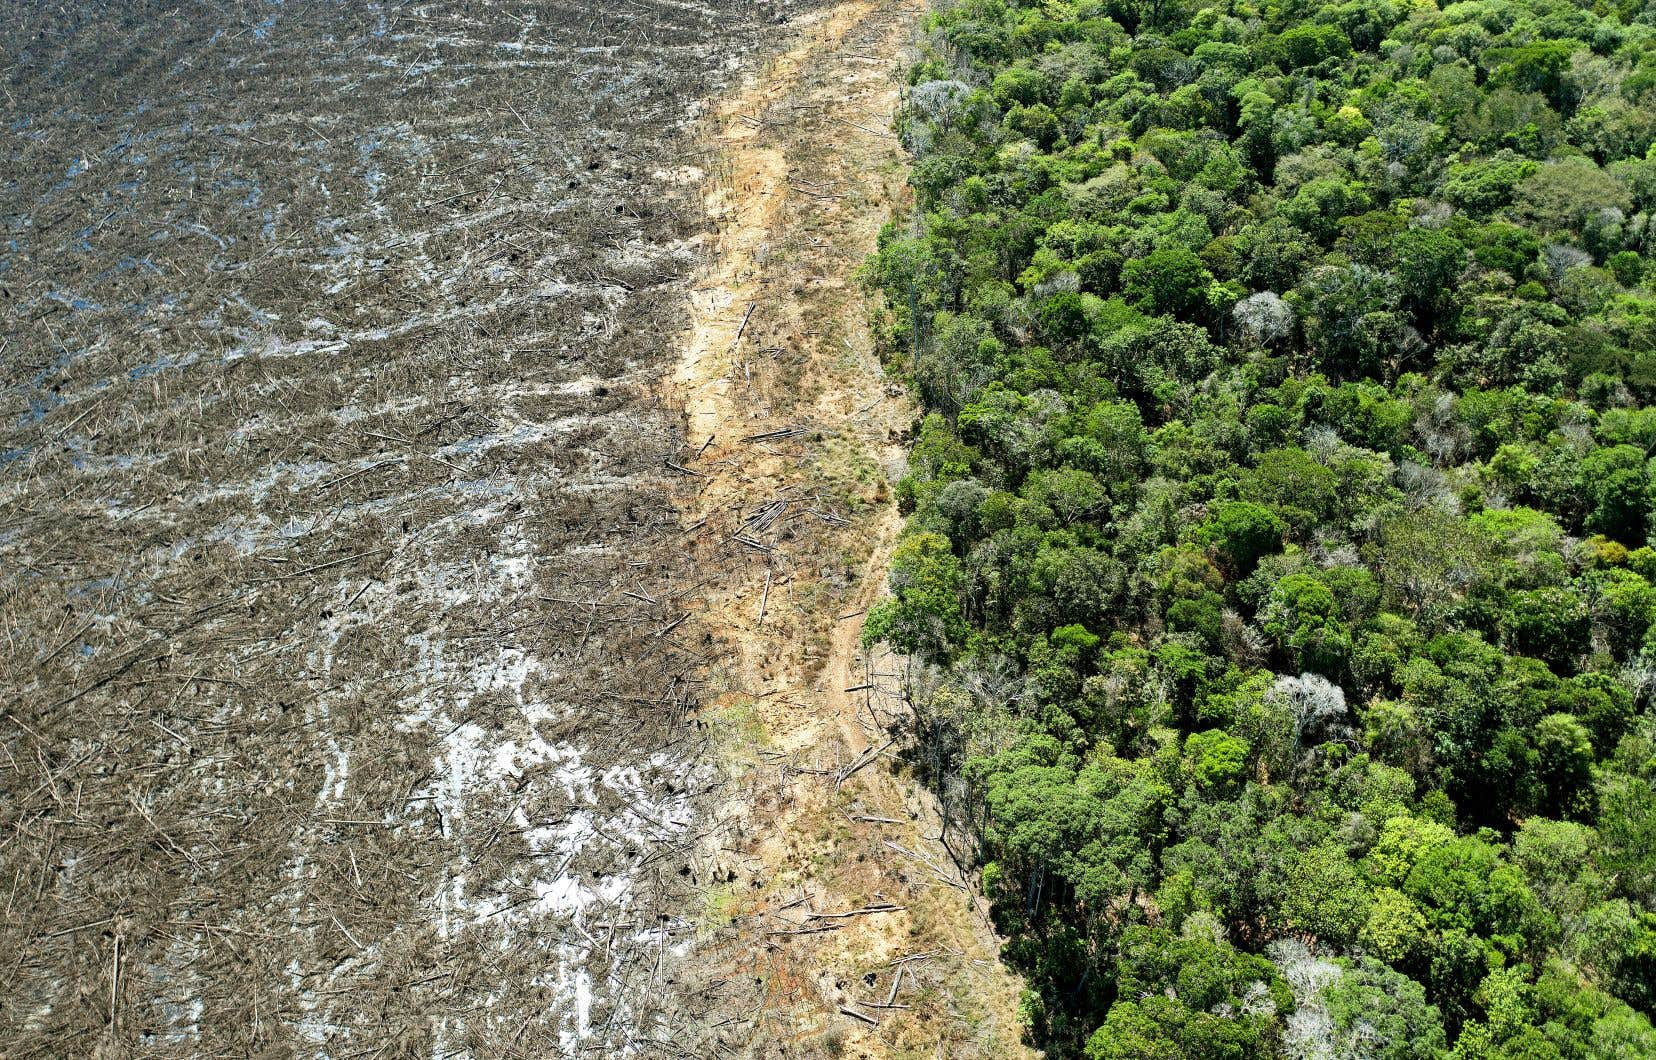 Une rupture des négociations pour un accord de libre-échange avec le Canada vise à condamner l'effet dévastateur des politiques du président Jair Bolsonaro sur la forêt amazonienne.